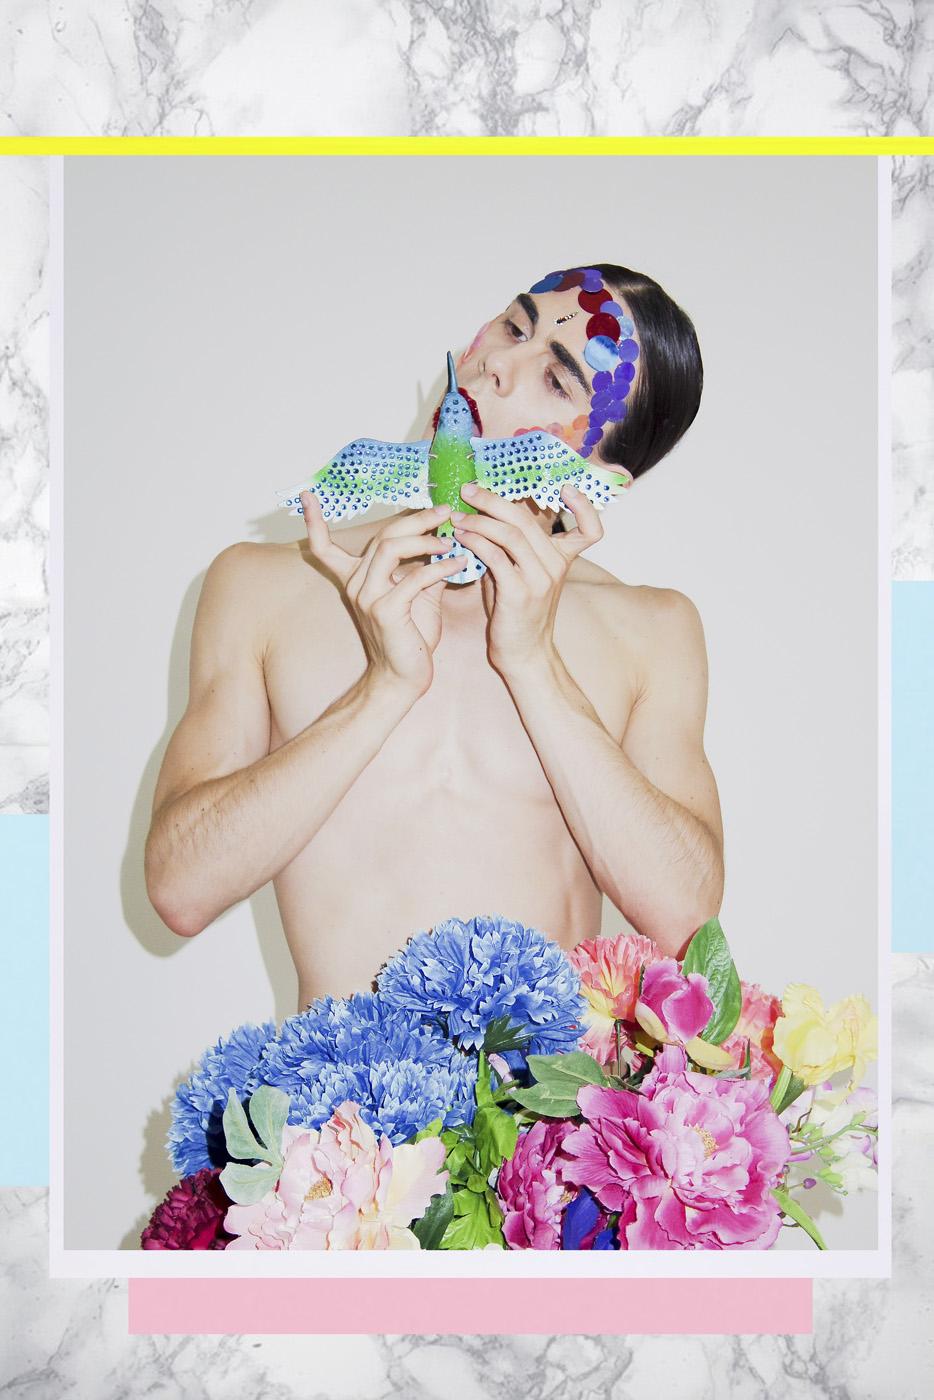 Jean Gritsfeldt by Таsya Kudryk © CHASSEUR MAGAZINE